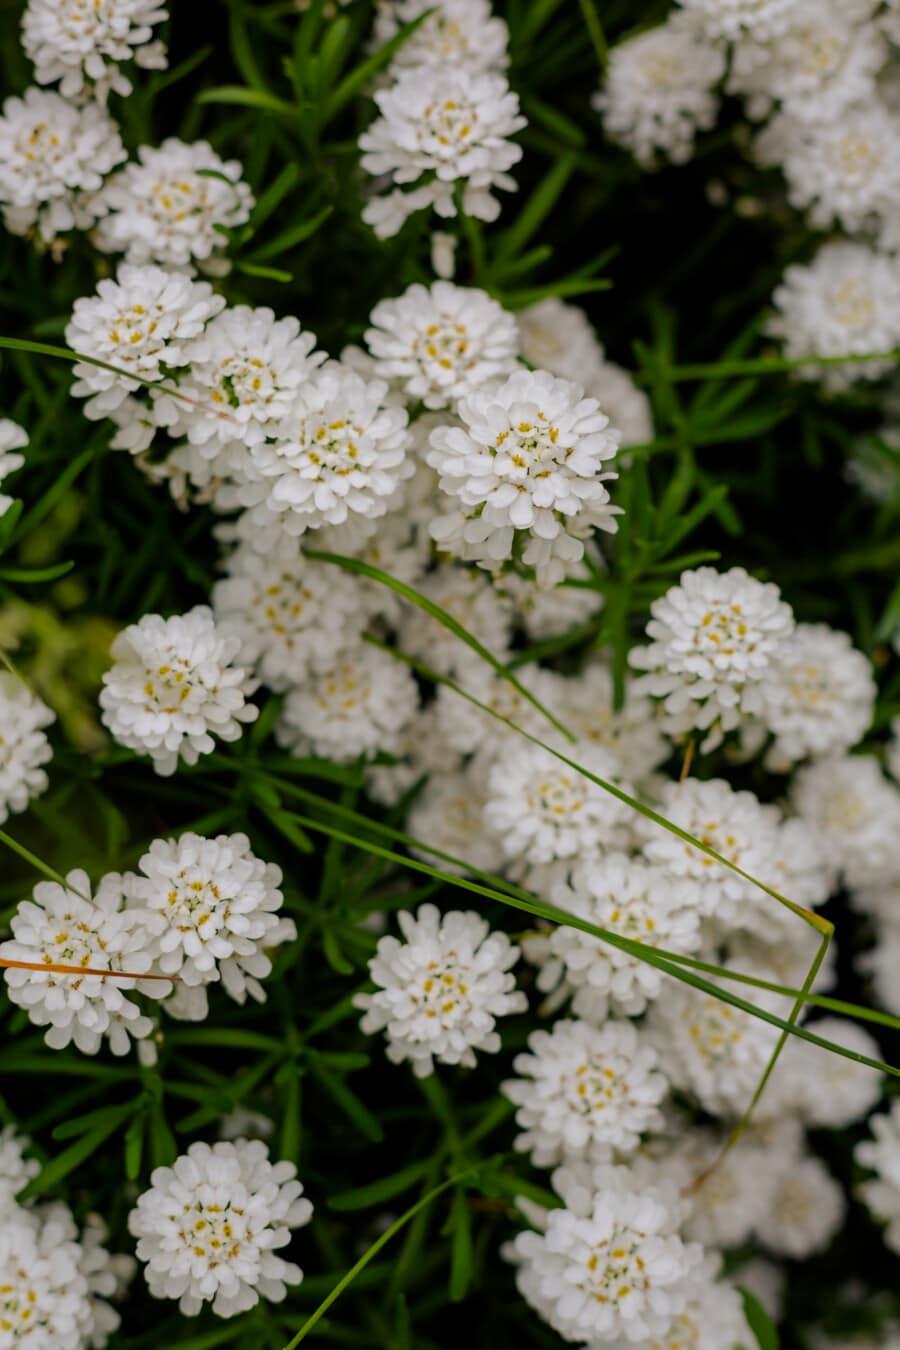 fleur blanche, nature, feuille, flore, été, plante, herbe, fleurs, fleur, brillant